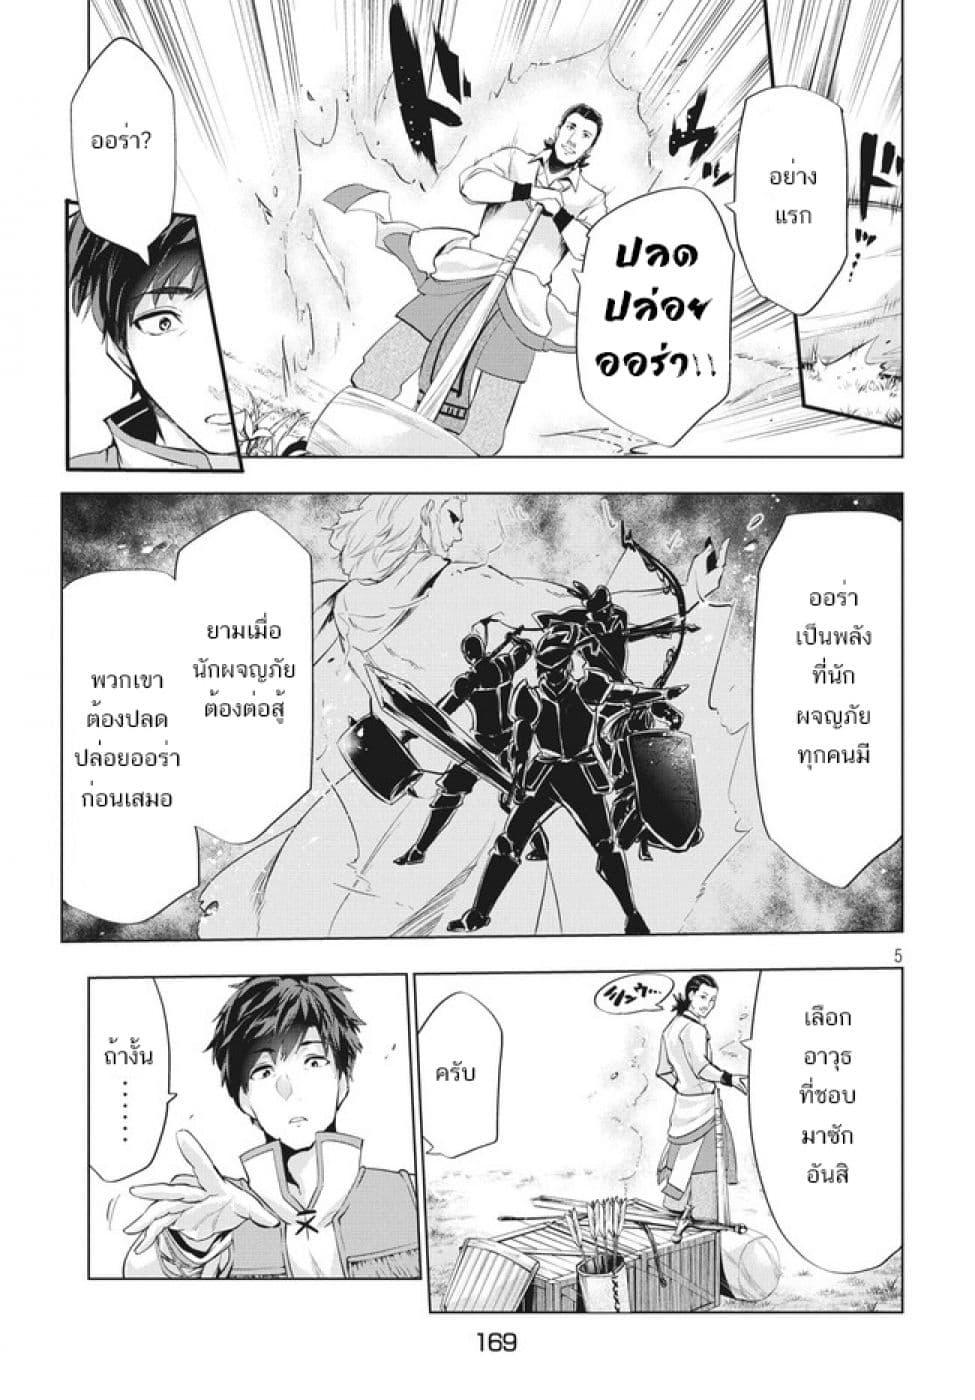 อ่านการ์ตูน Kaiko sareta Ankoku Heishi (30-dai) no Slow na Second ตอนที่ 3 หน้าที่ 4